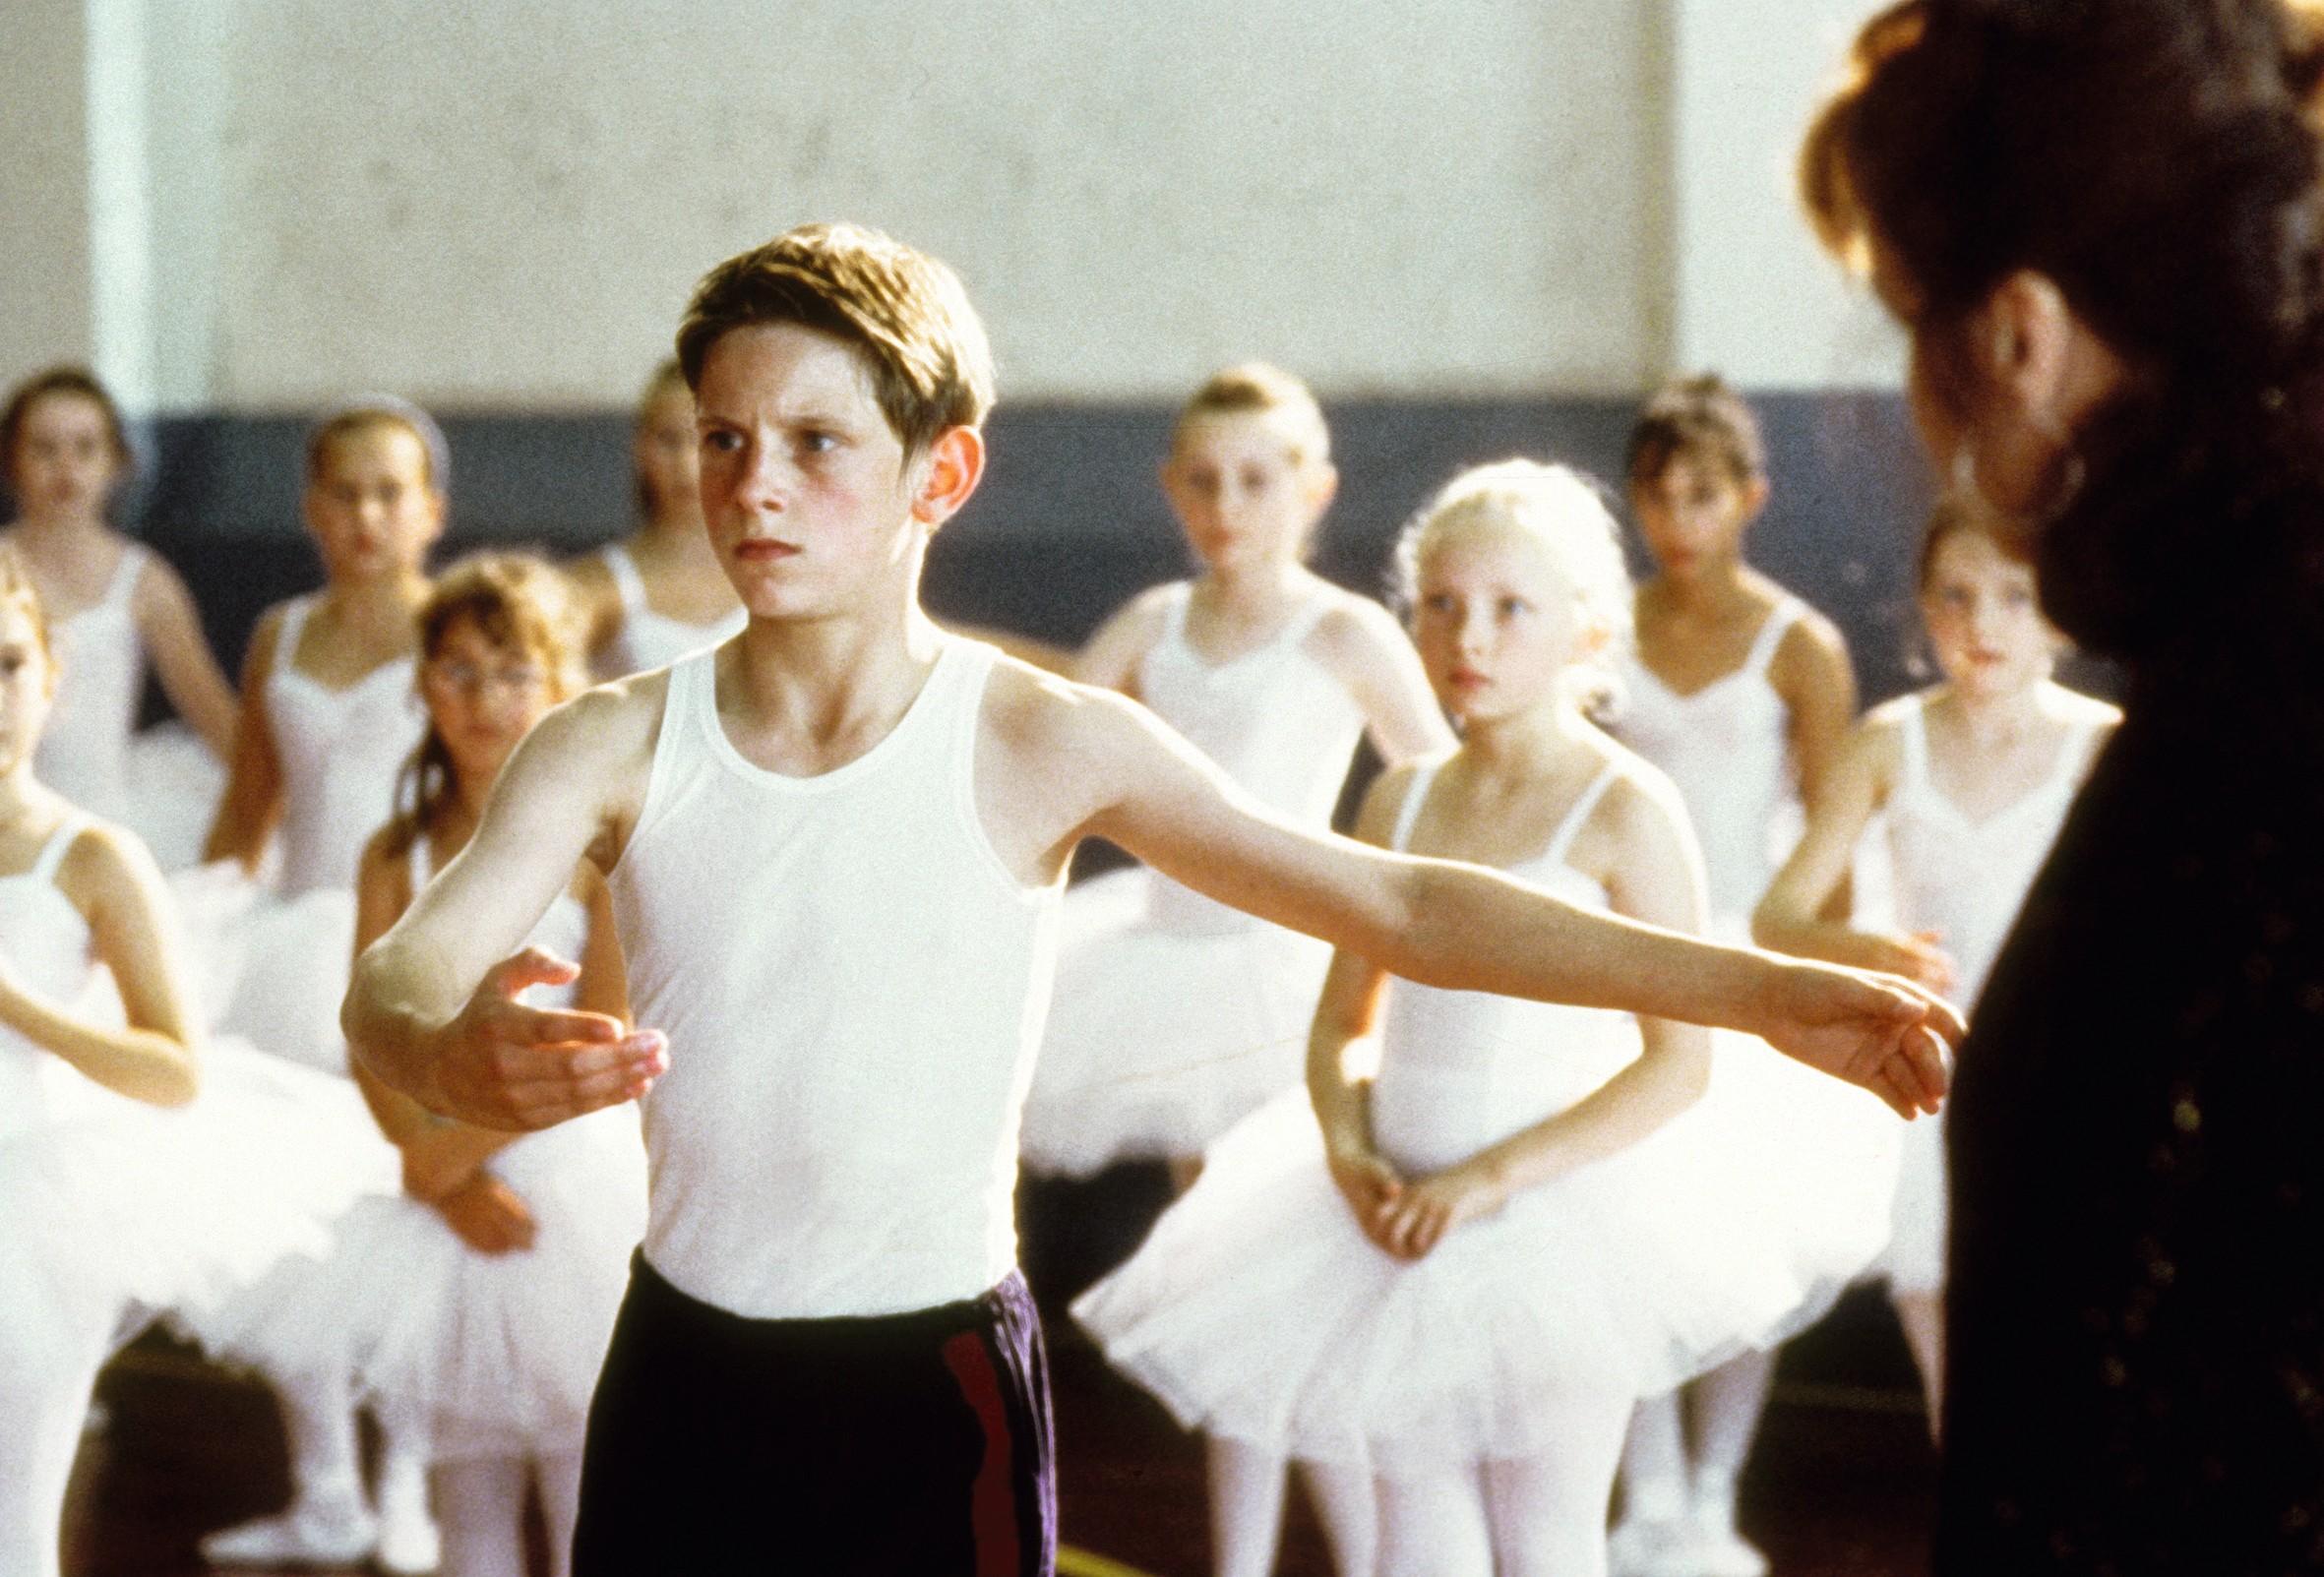 Billy Elliot, un film de Stephen Daldry sorti en 2000, raconte l'histoire d'un garçon passionné de danse